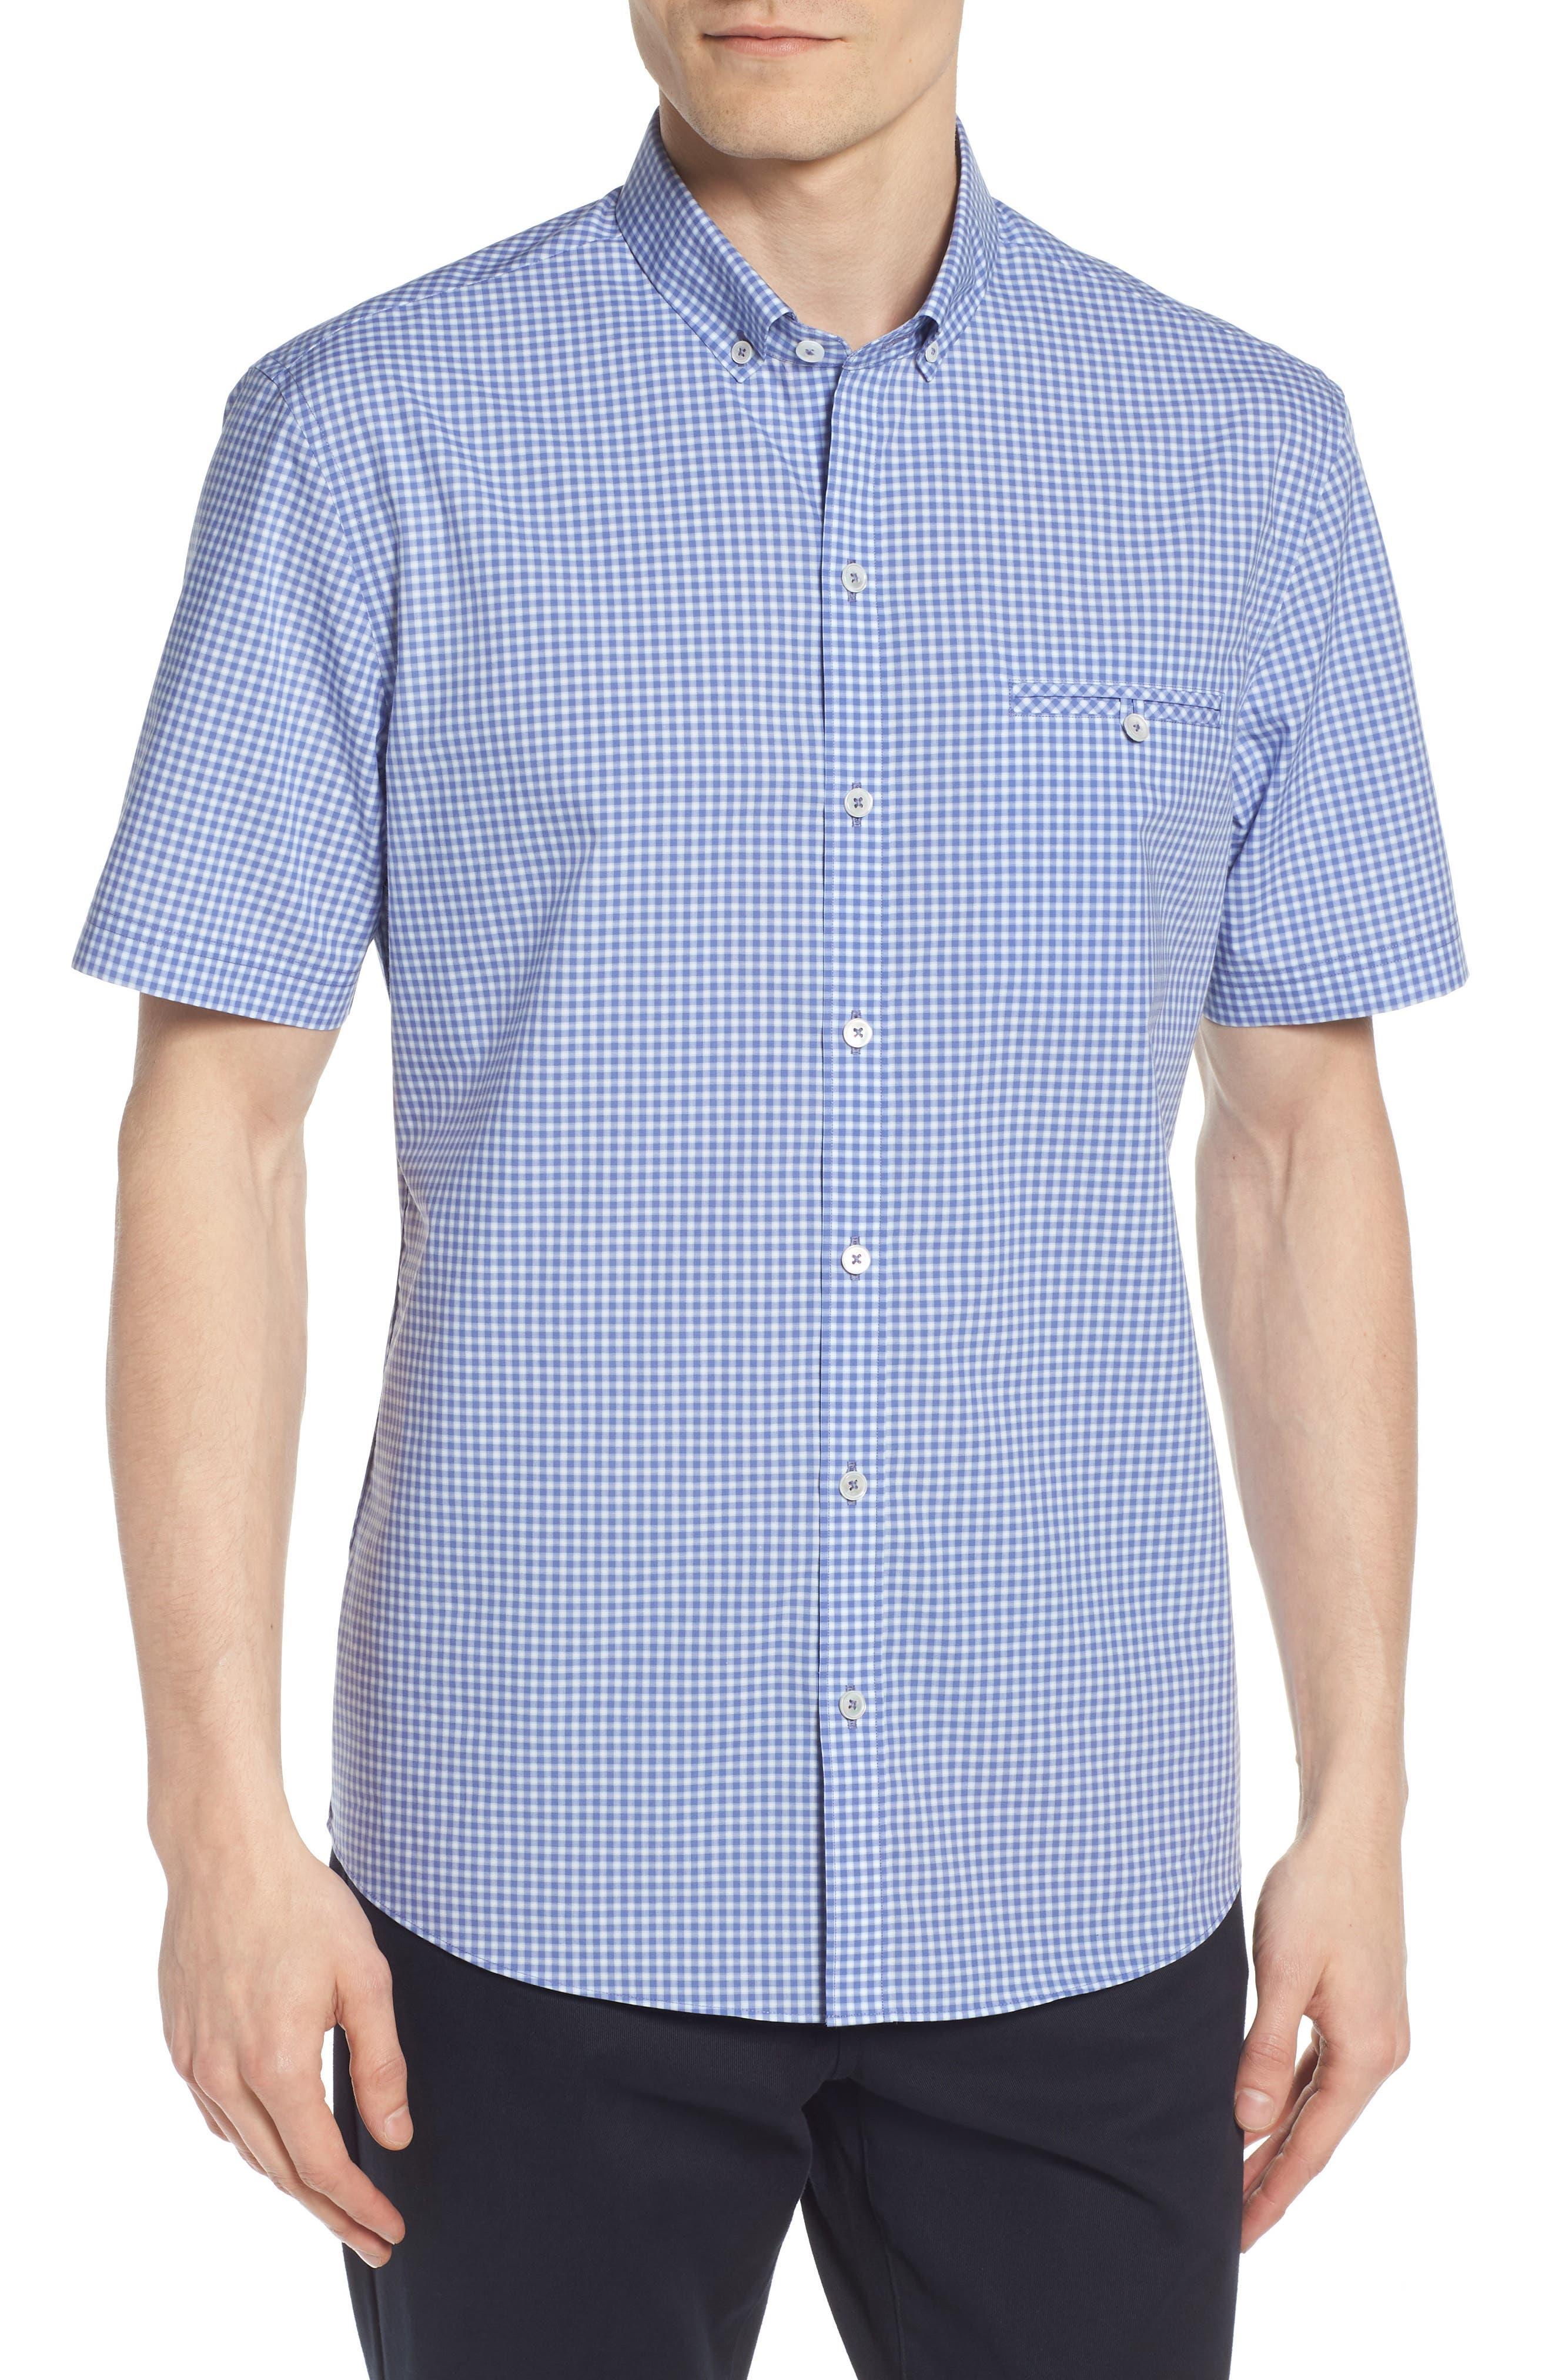 Giovinco Plaid Sport Shirt,                             Main thumbnail 1, color,                             OCEAN